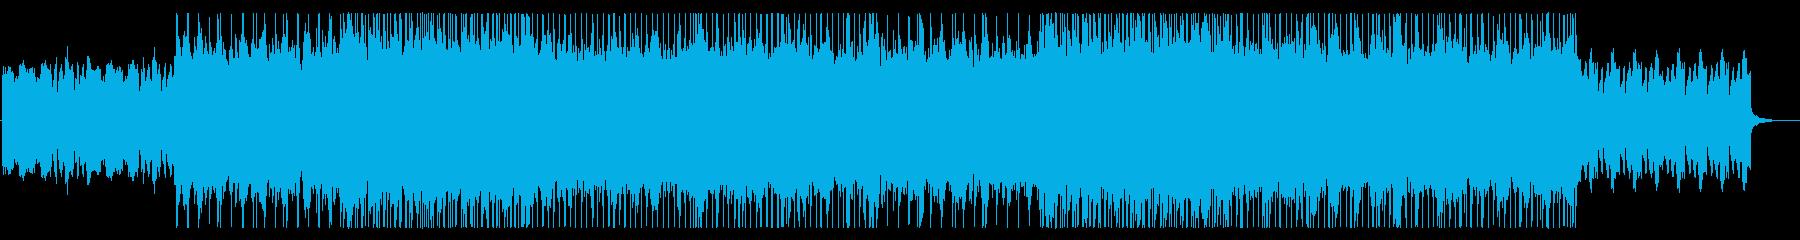 メロディアスな旋律のロックの再生済みの波形